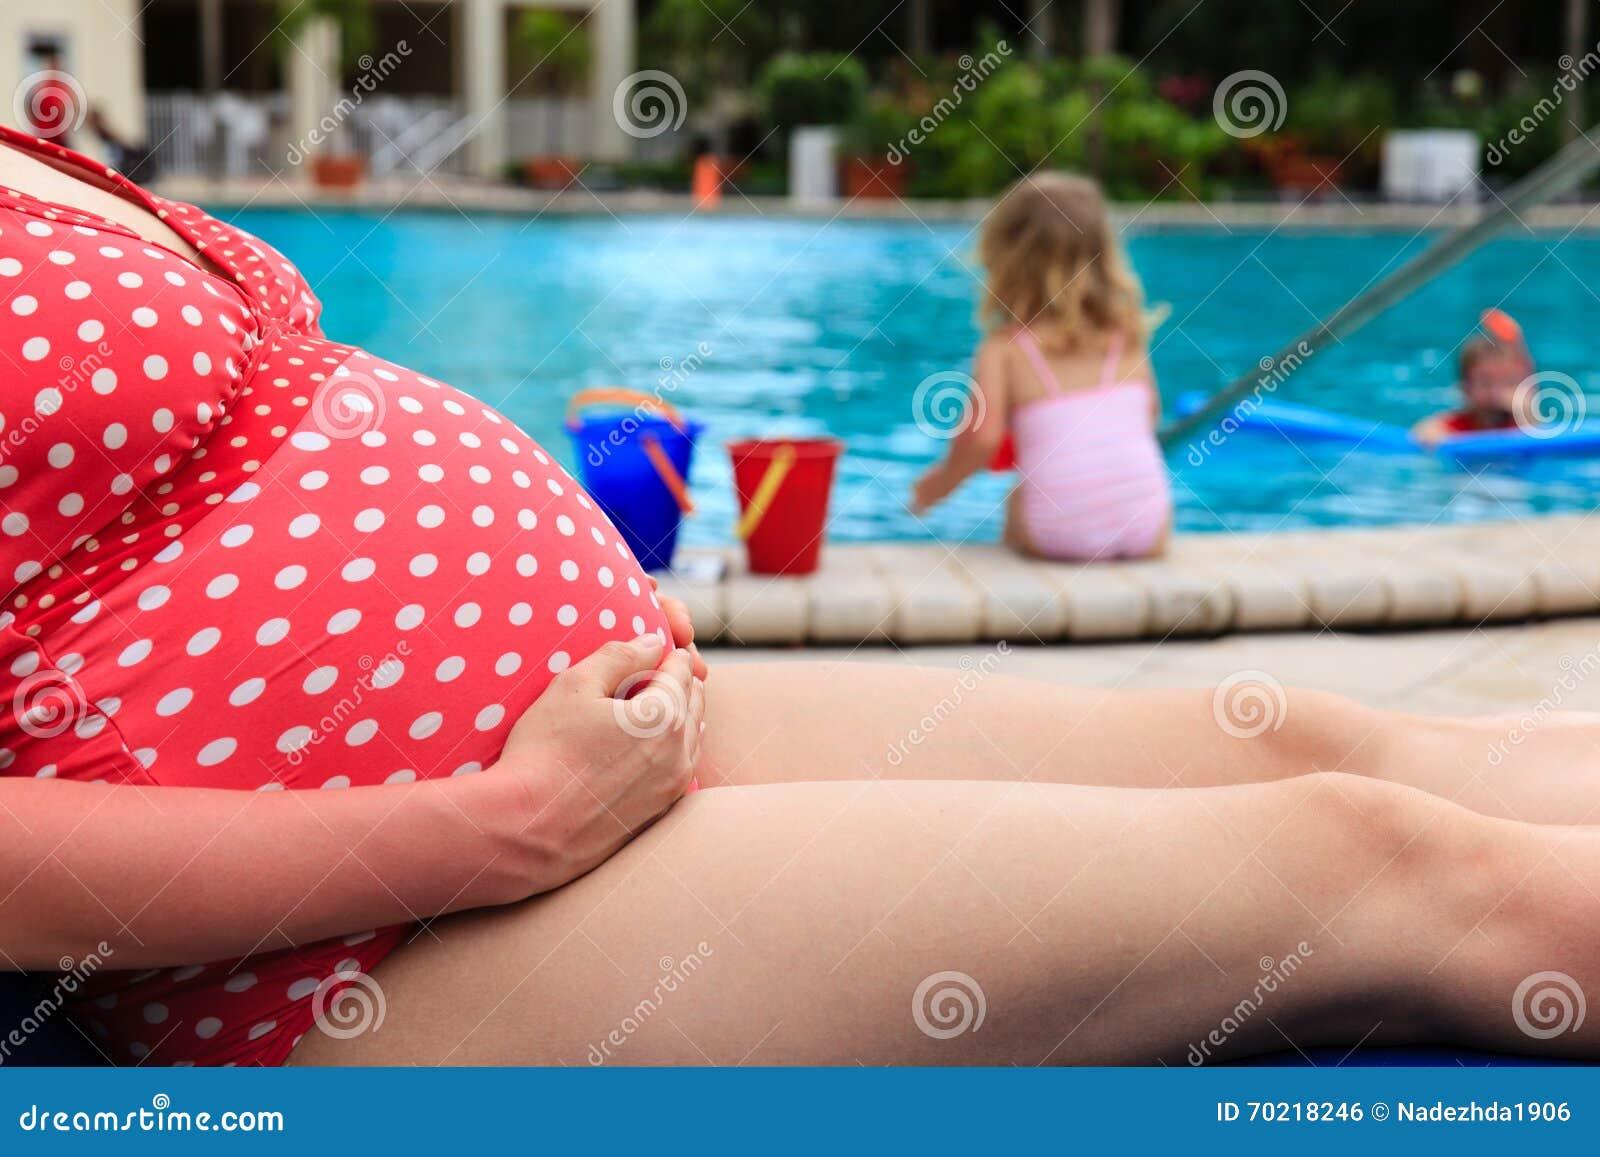 Schwangere Mutter entspannen sich durch das Pool, während Kinder mit Wasser spielen